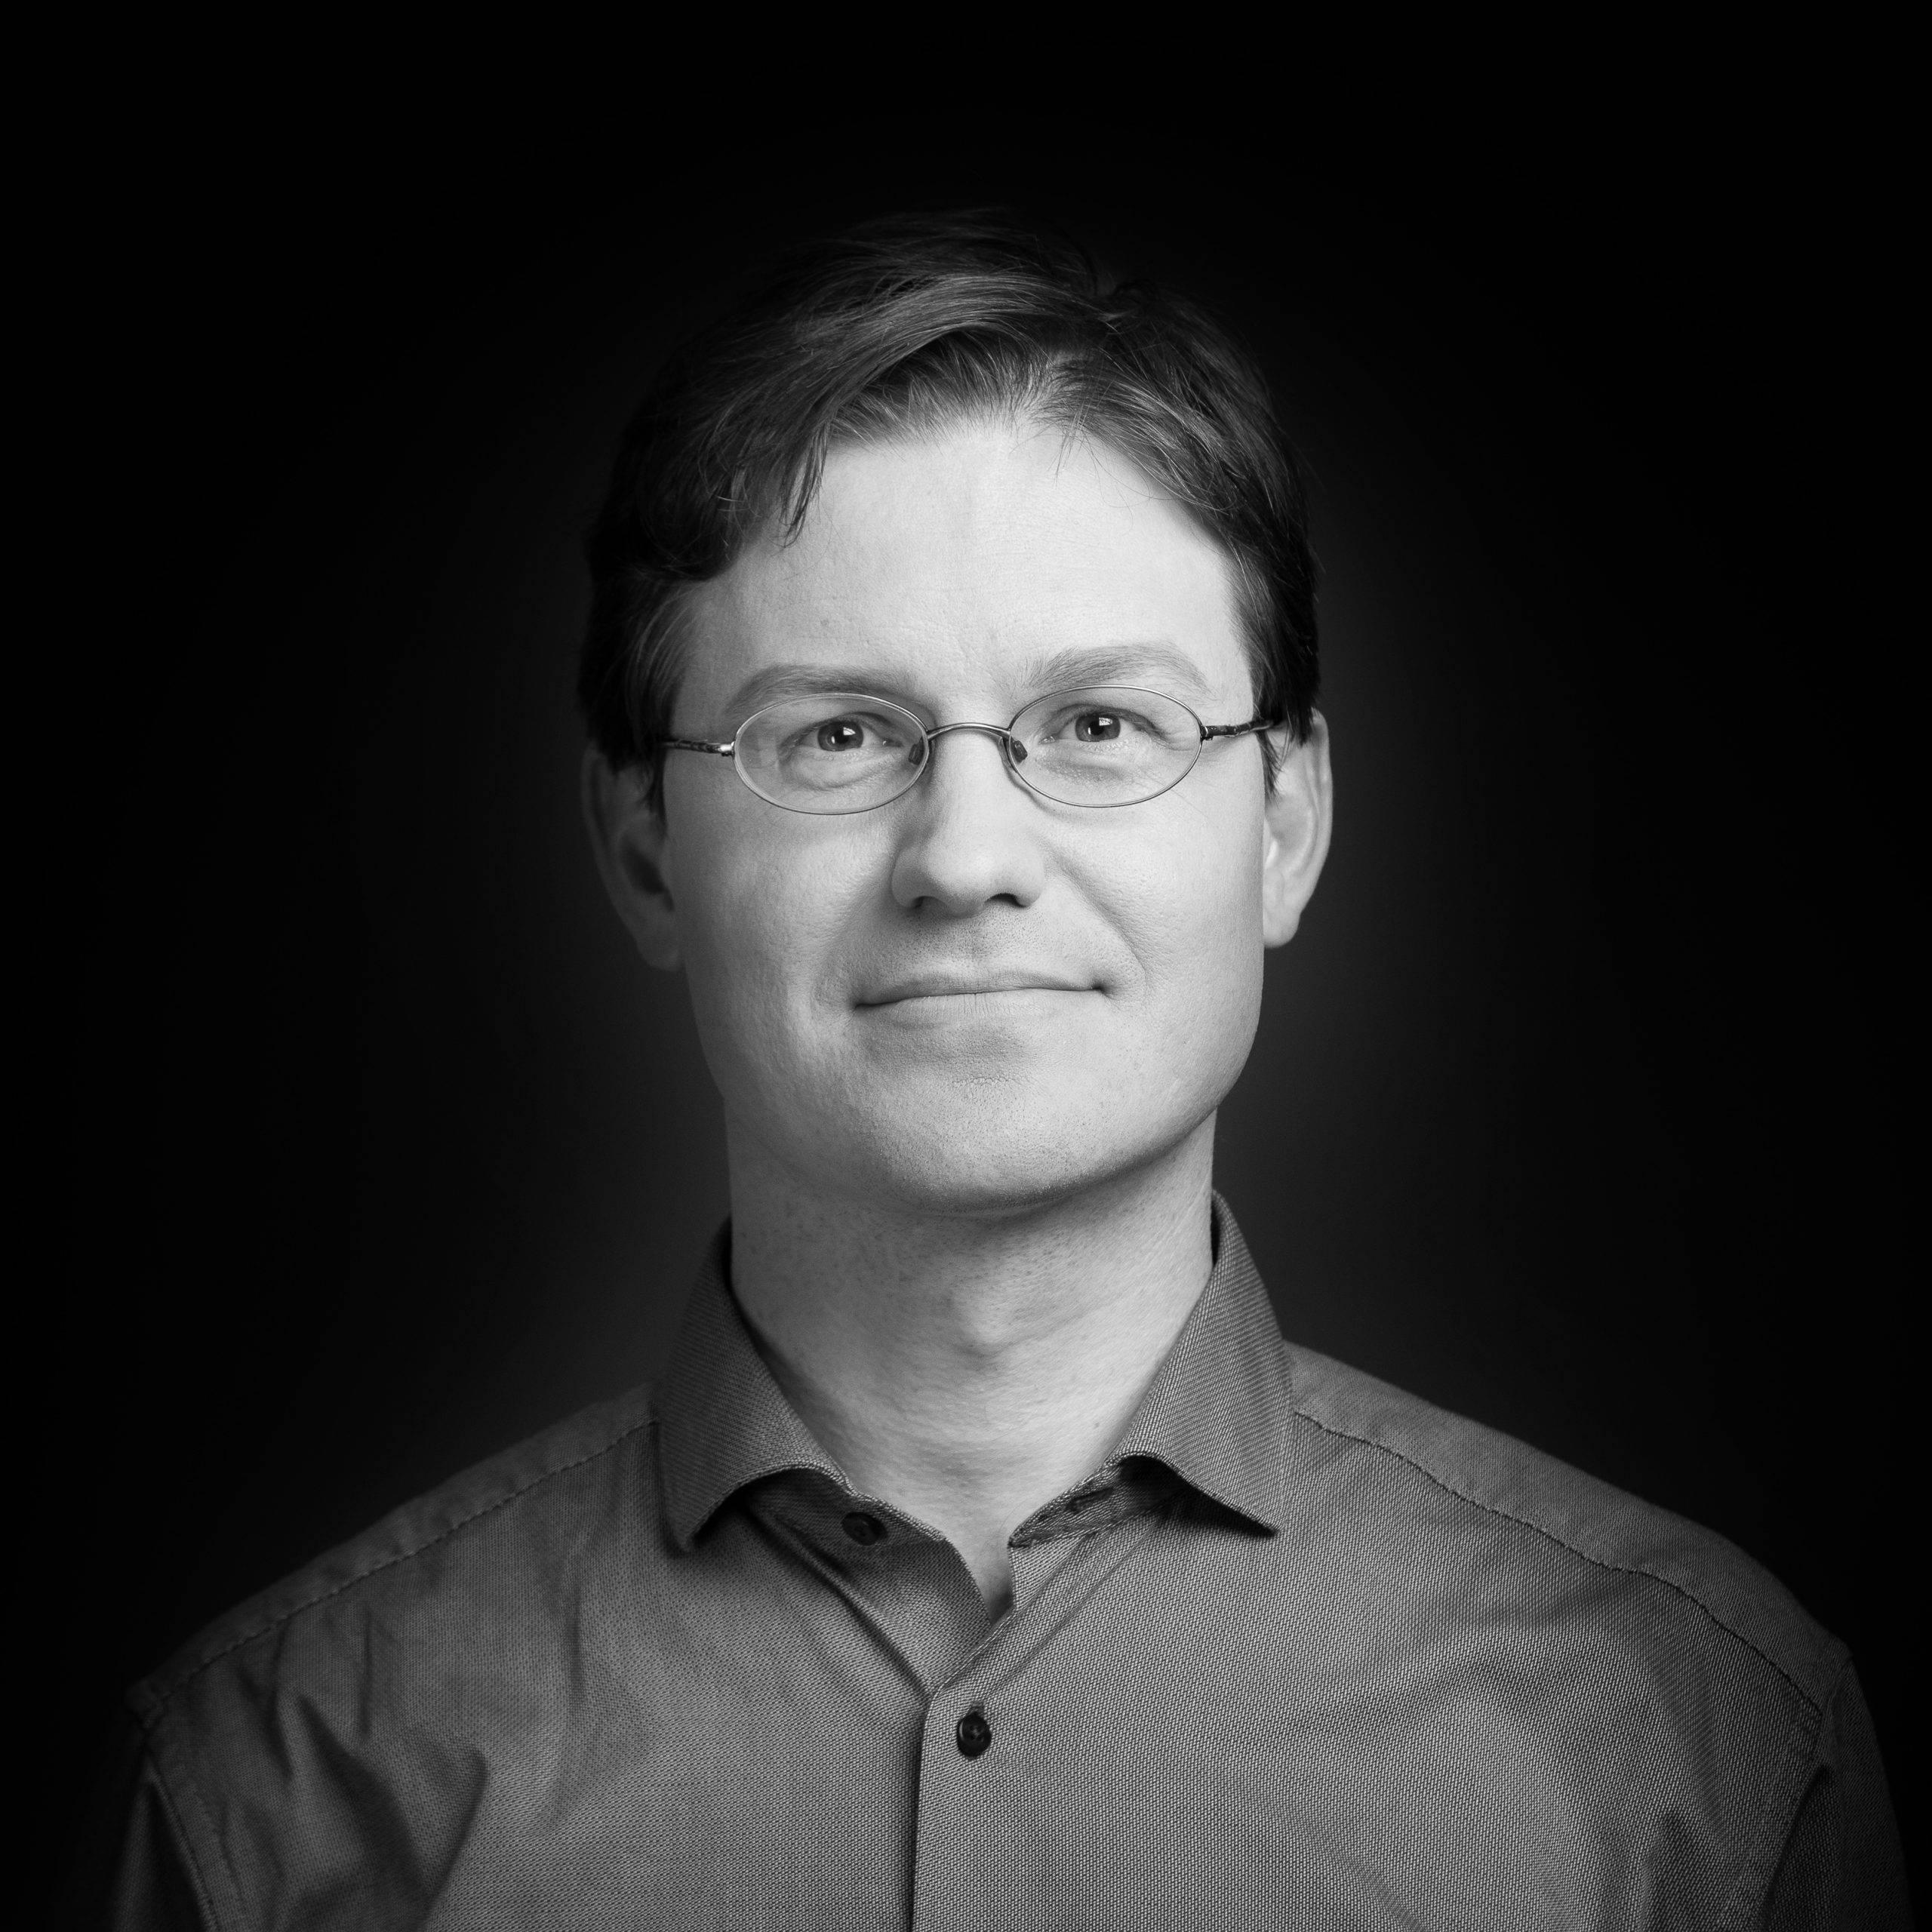 Thomas Timmermann